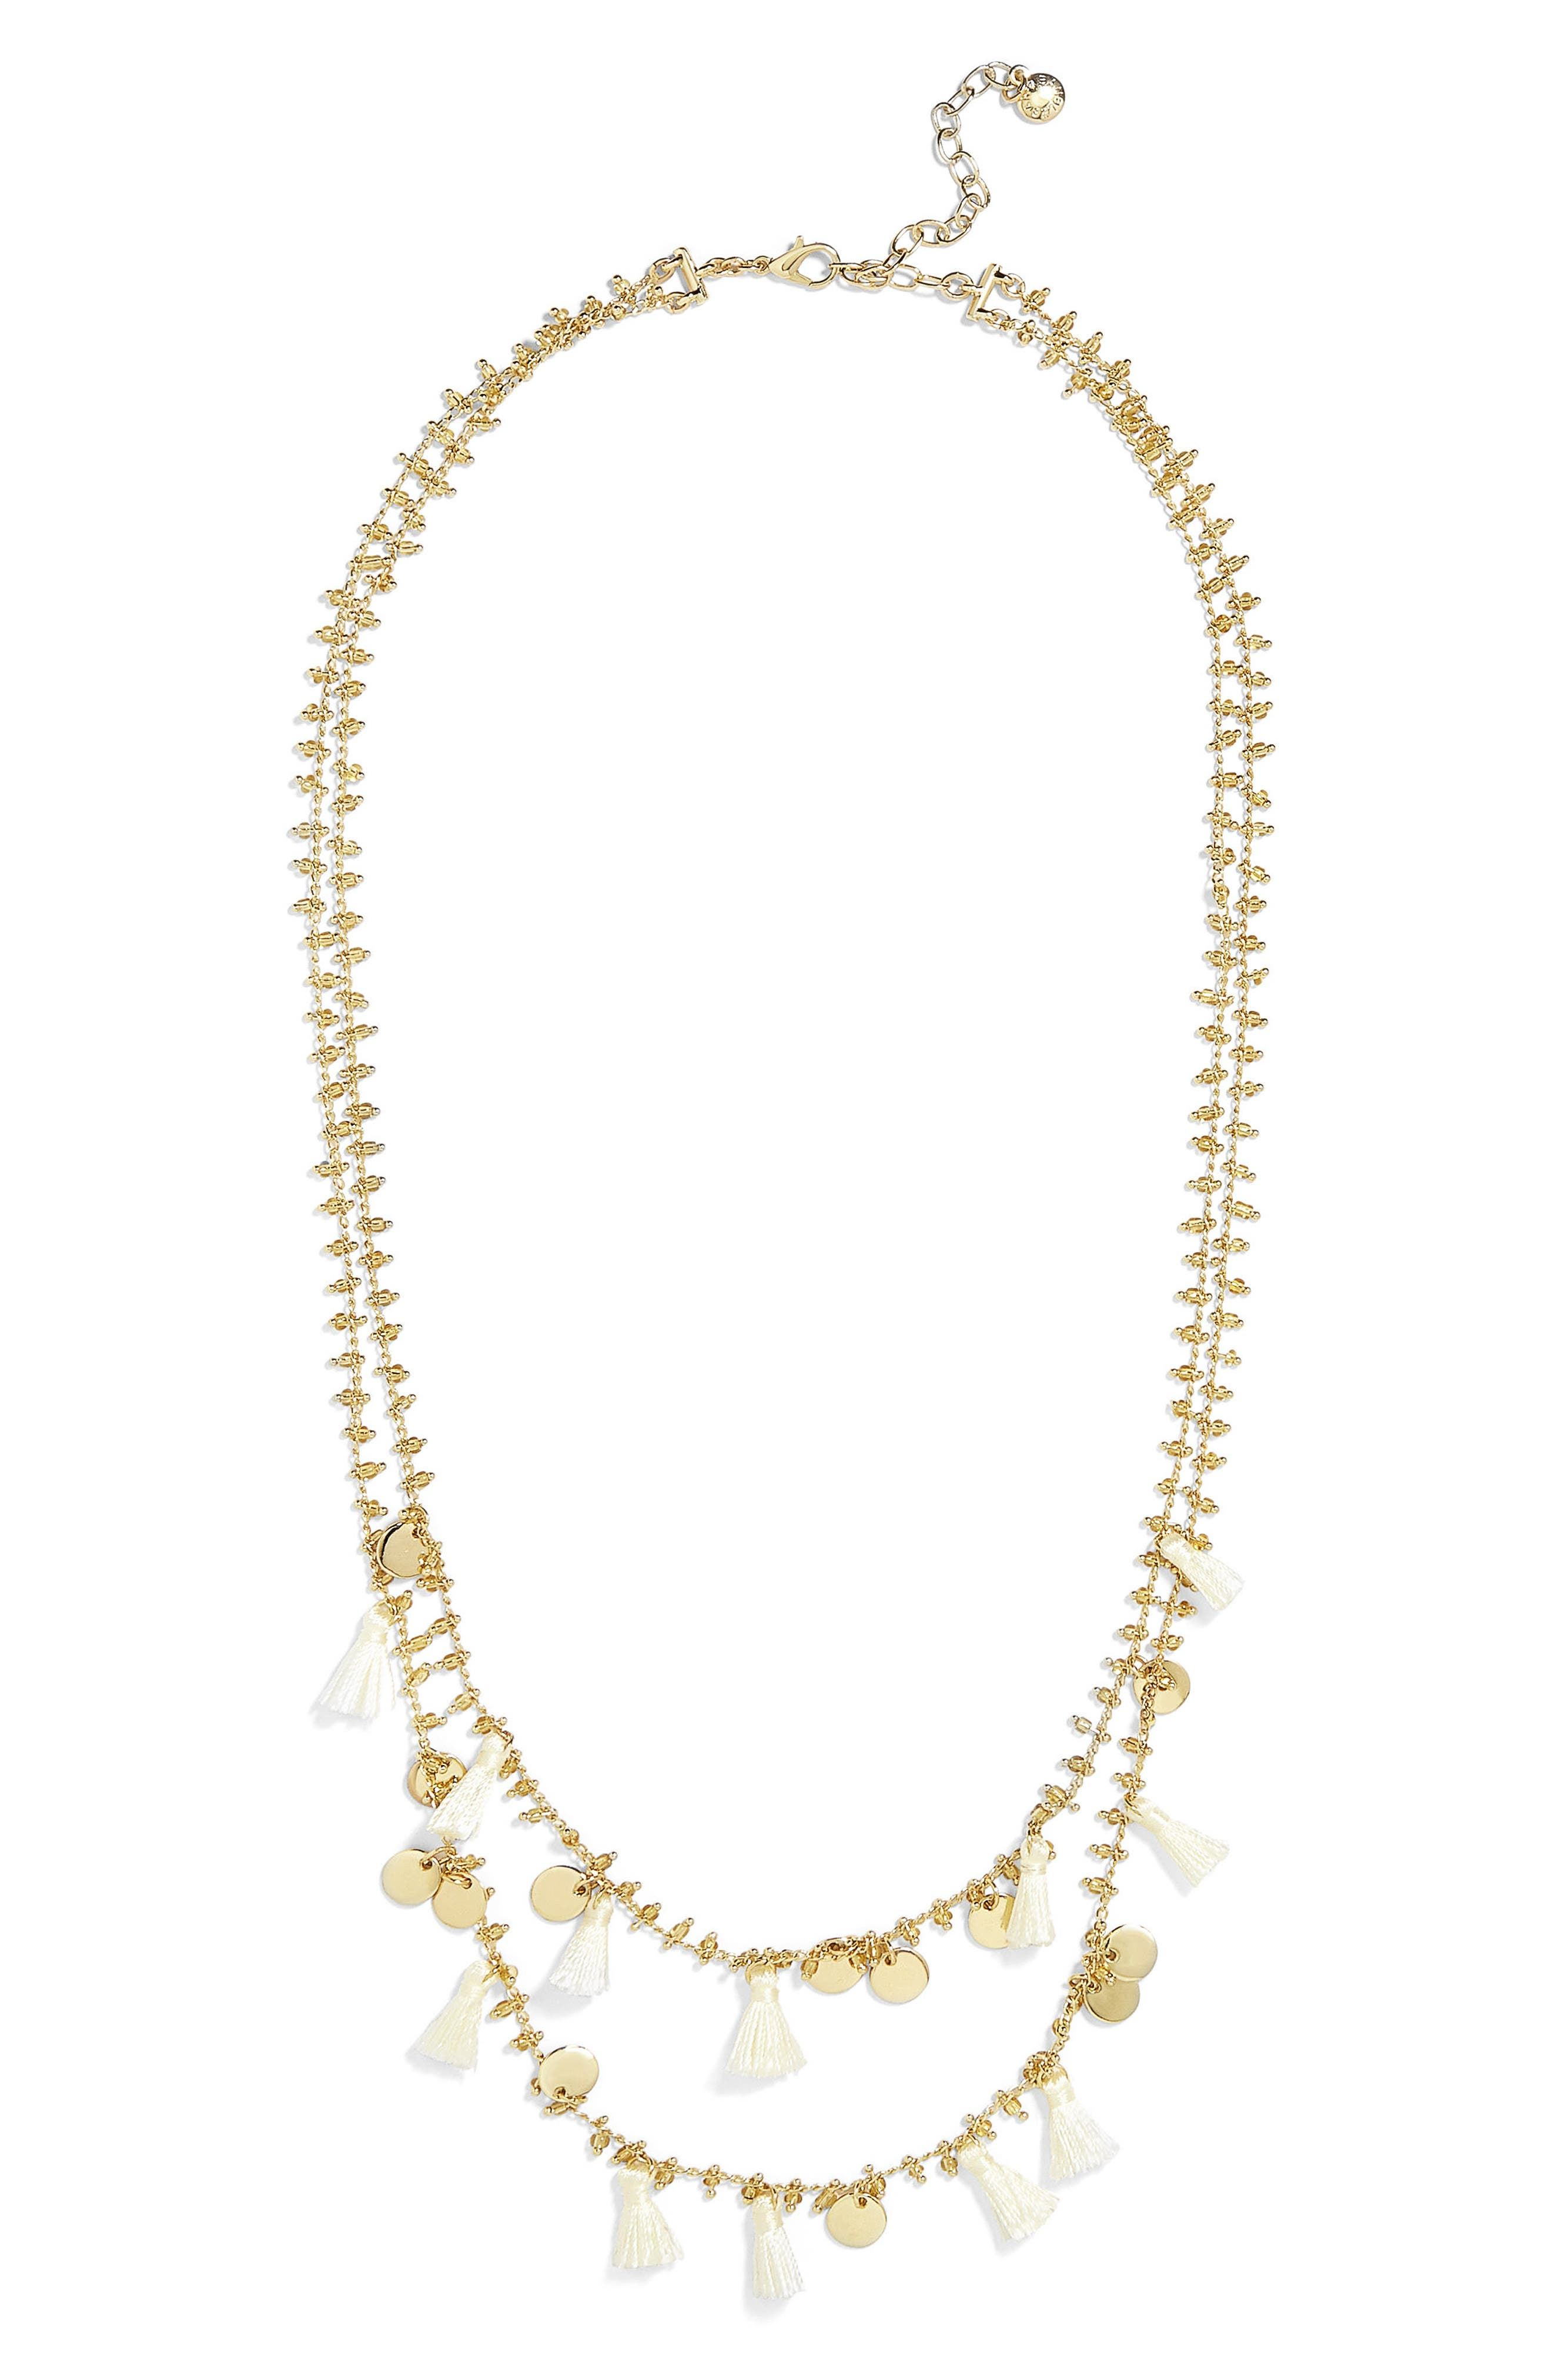 BAUBLEBAR Kirana Mini Tassel Layered Necklace, Main, color, 251